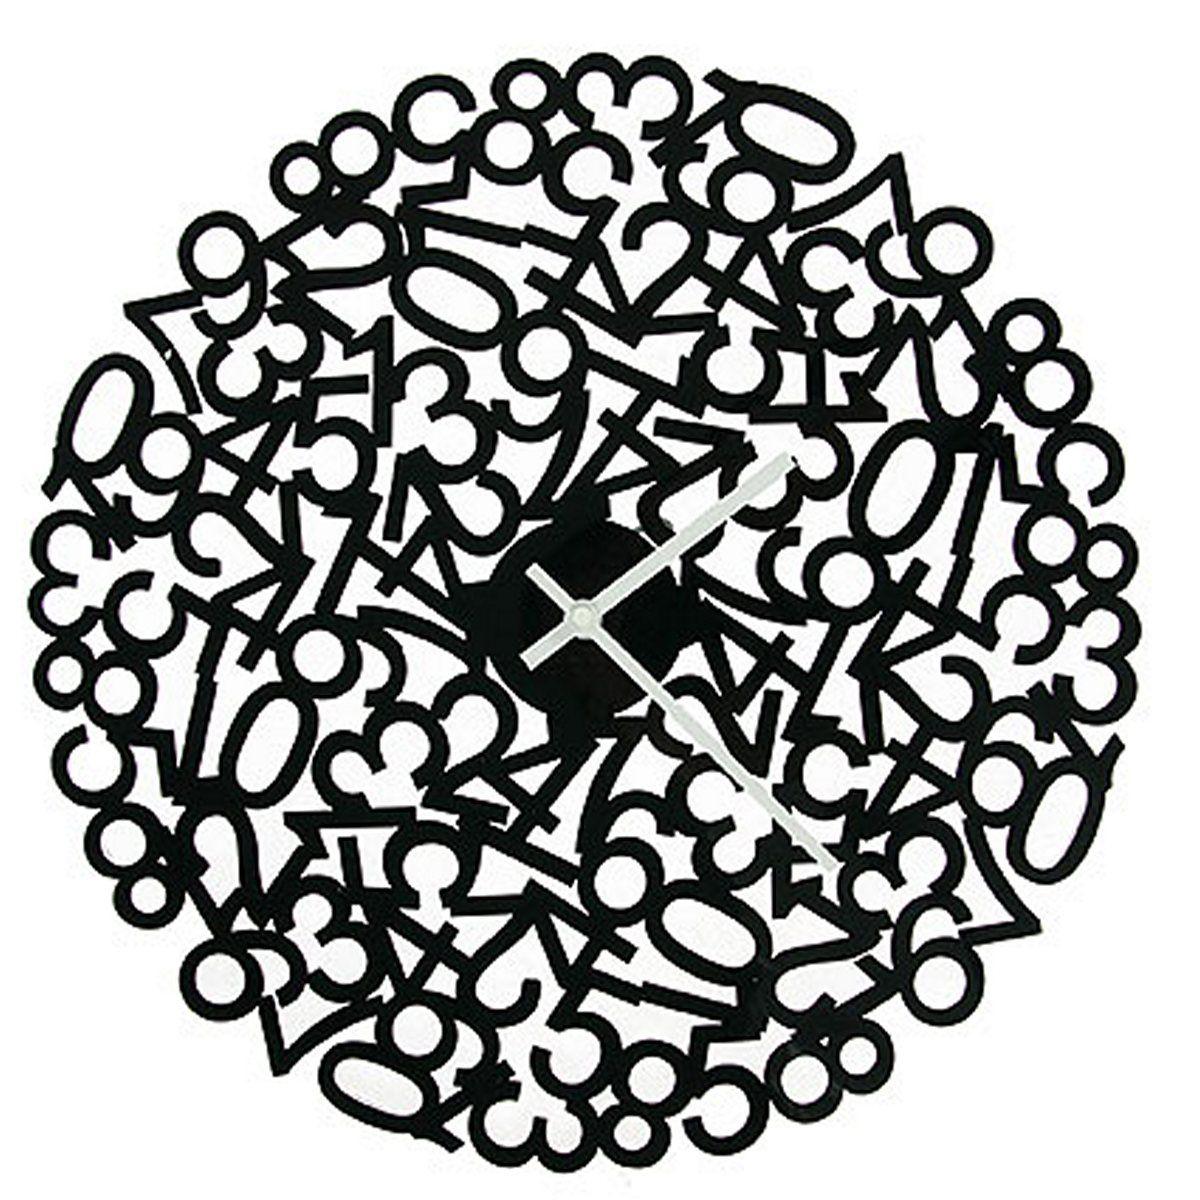 Часы настенные Русские Подарки, диаметр 30 см. 12241694672Настенные кварцевые часы Русские Подарки изготовлены из полиамида. Корпус оформлен цифрами, расположенными в хаотичном порядке. Часы имеют две стрелки - часовую и минутную. С обратной стороны имеетсяпетелька для подвешивания на стену.Такие часы красиво и оригинально оформят интерьер дома или офиса. Также часы могут стать уникальным, полезным подарком для родственников, коллег, знакомых и близких.Часы работают от батареек типа АА (в комплект не входят).